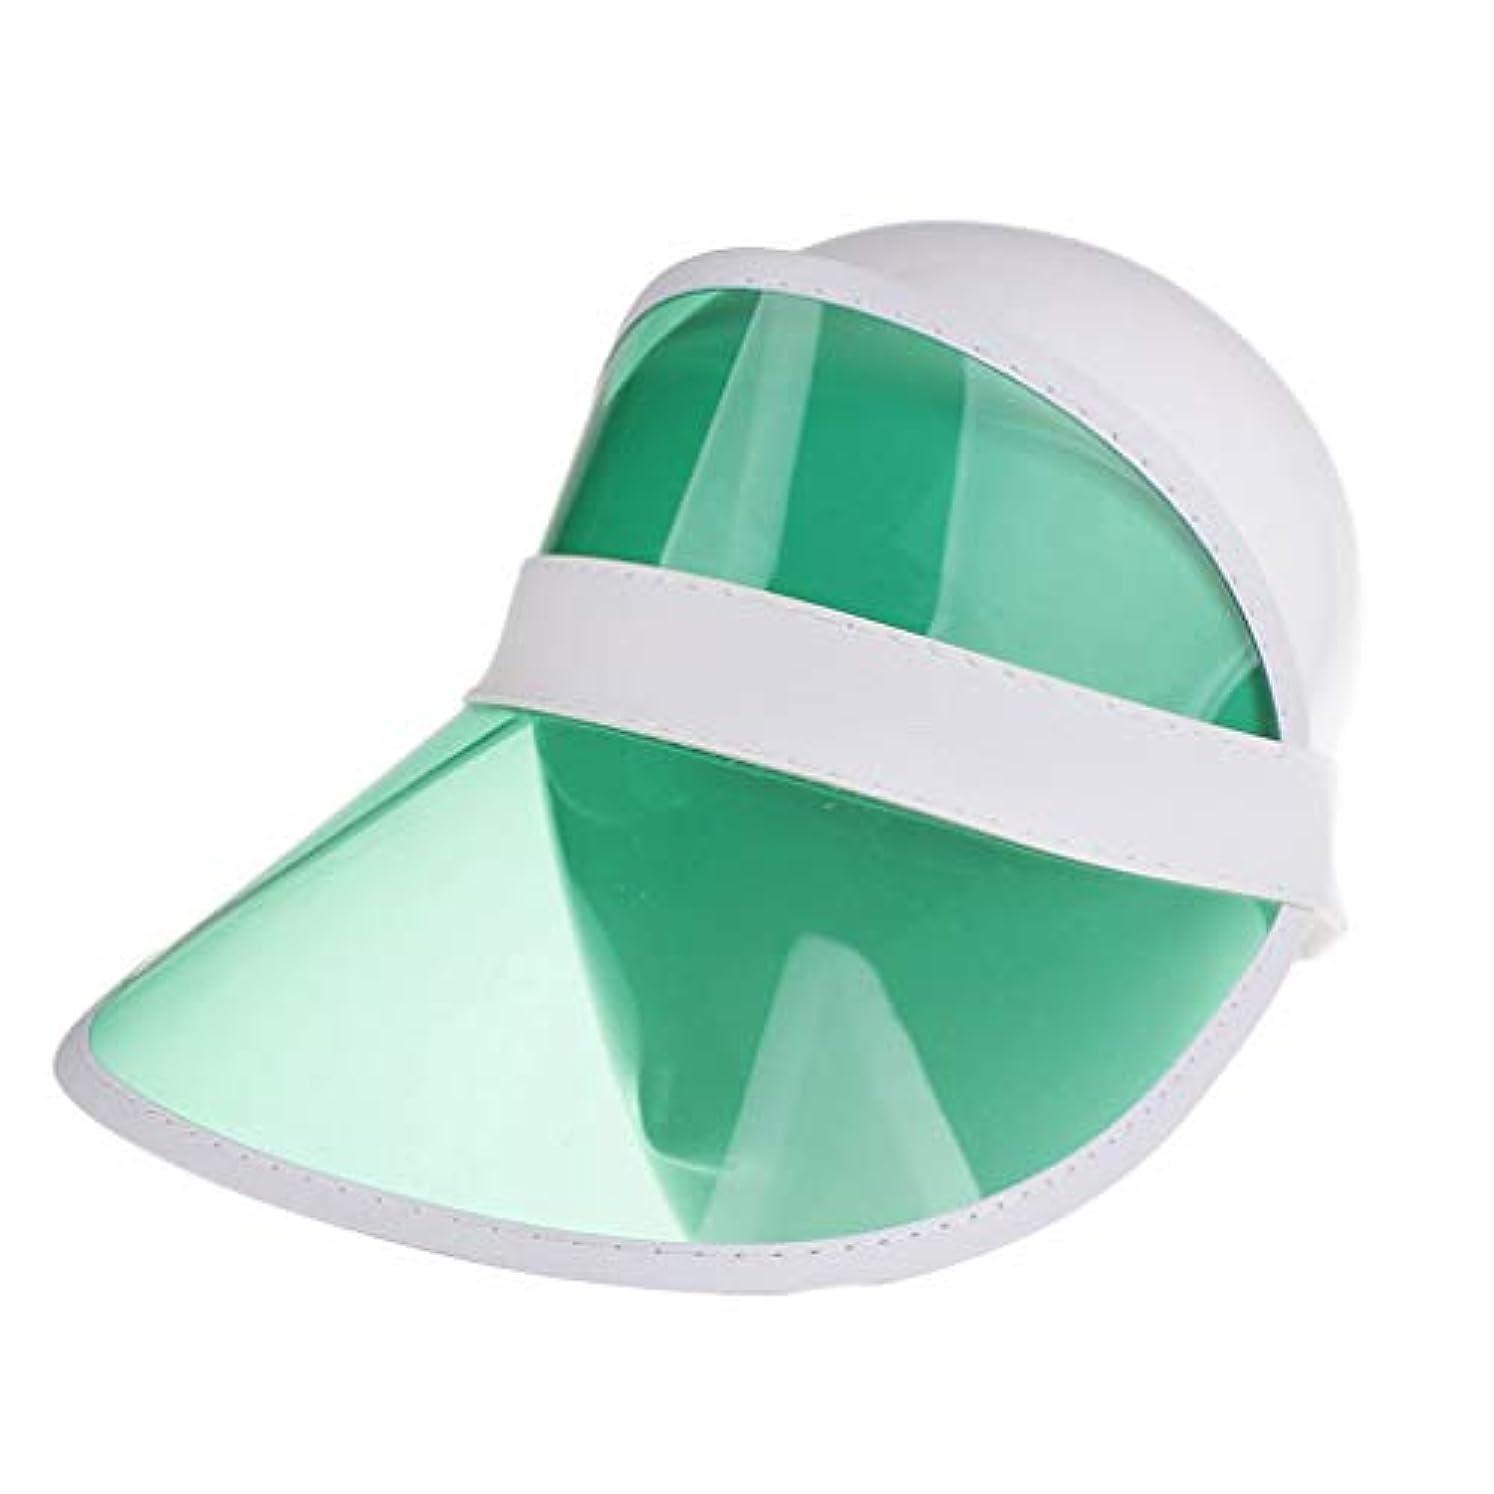 論理的にだますにおいレディースクリアハット帽子レインバイザー UVカットユニセックスアウトドア野球帽帽子